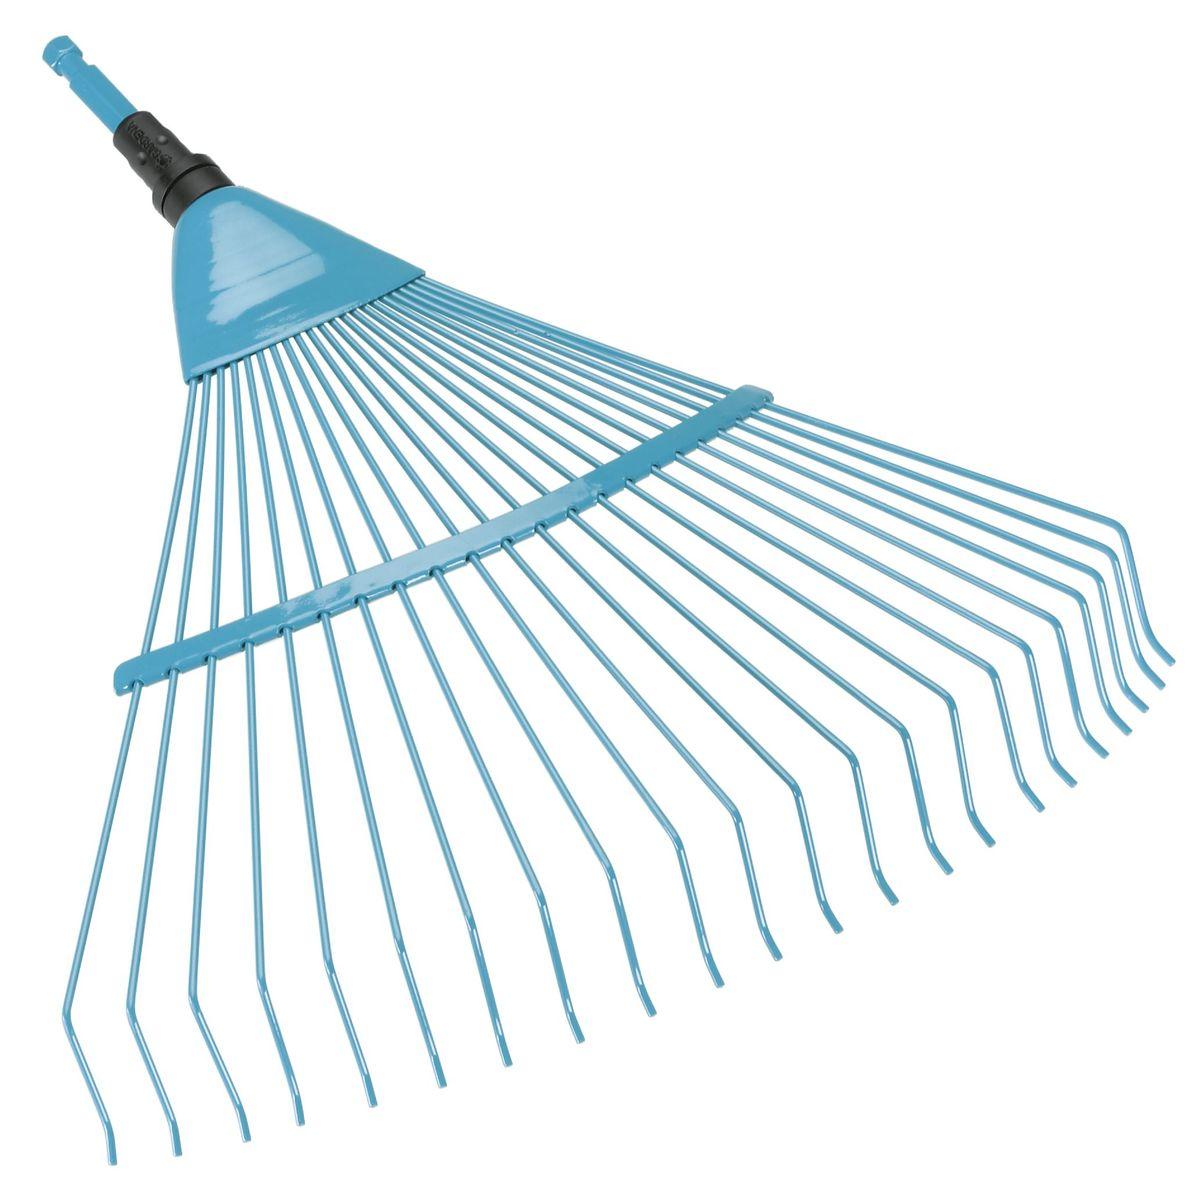 Грабли проволочные пружинящие Gardena, без ручки03100-20.000.00Грабли проволочные пружинящие Gardena выполнены из высококачественной жесткой проволоки и высококачественной стали с покрытием из дюропласта, которое обеспечивает оптимальную защиту материала от коррозии. Грабли представляют собой идеальный инструмент для очистки и аэрации заболоченных участков газона. Прочные проволочные зубья и большая рабочая ширина обеспечивают быстрое и эффективное выполнение работы. Грабли могут использоваться с любой ручкой, однако рекомендуется использовать ручку длиной 130 см, в зависимости от роста пользователя. Рабочая ширина: 50 см.